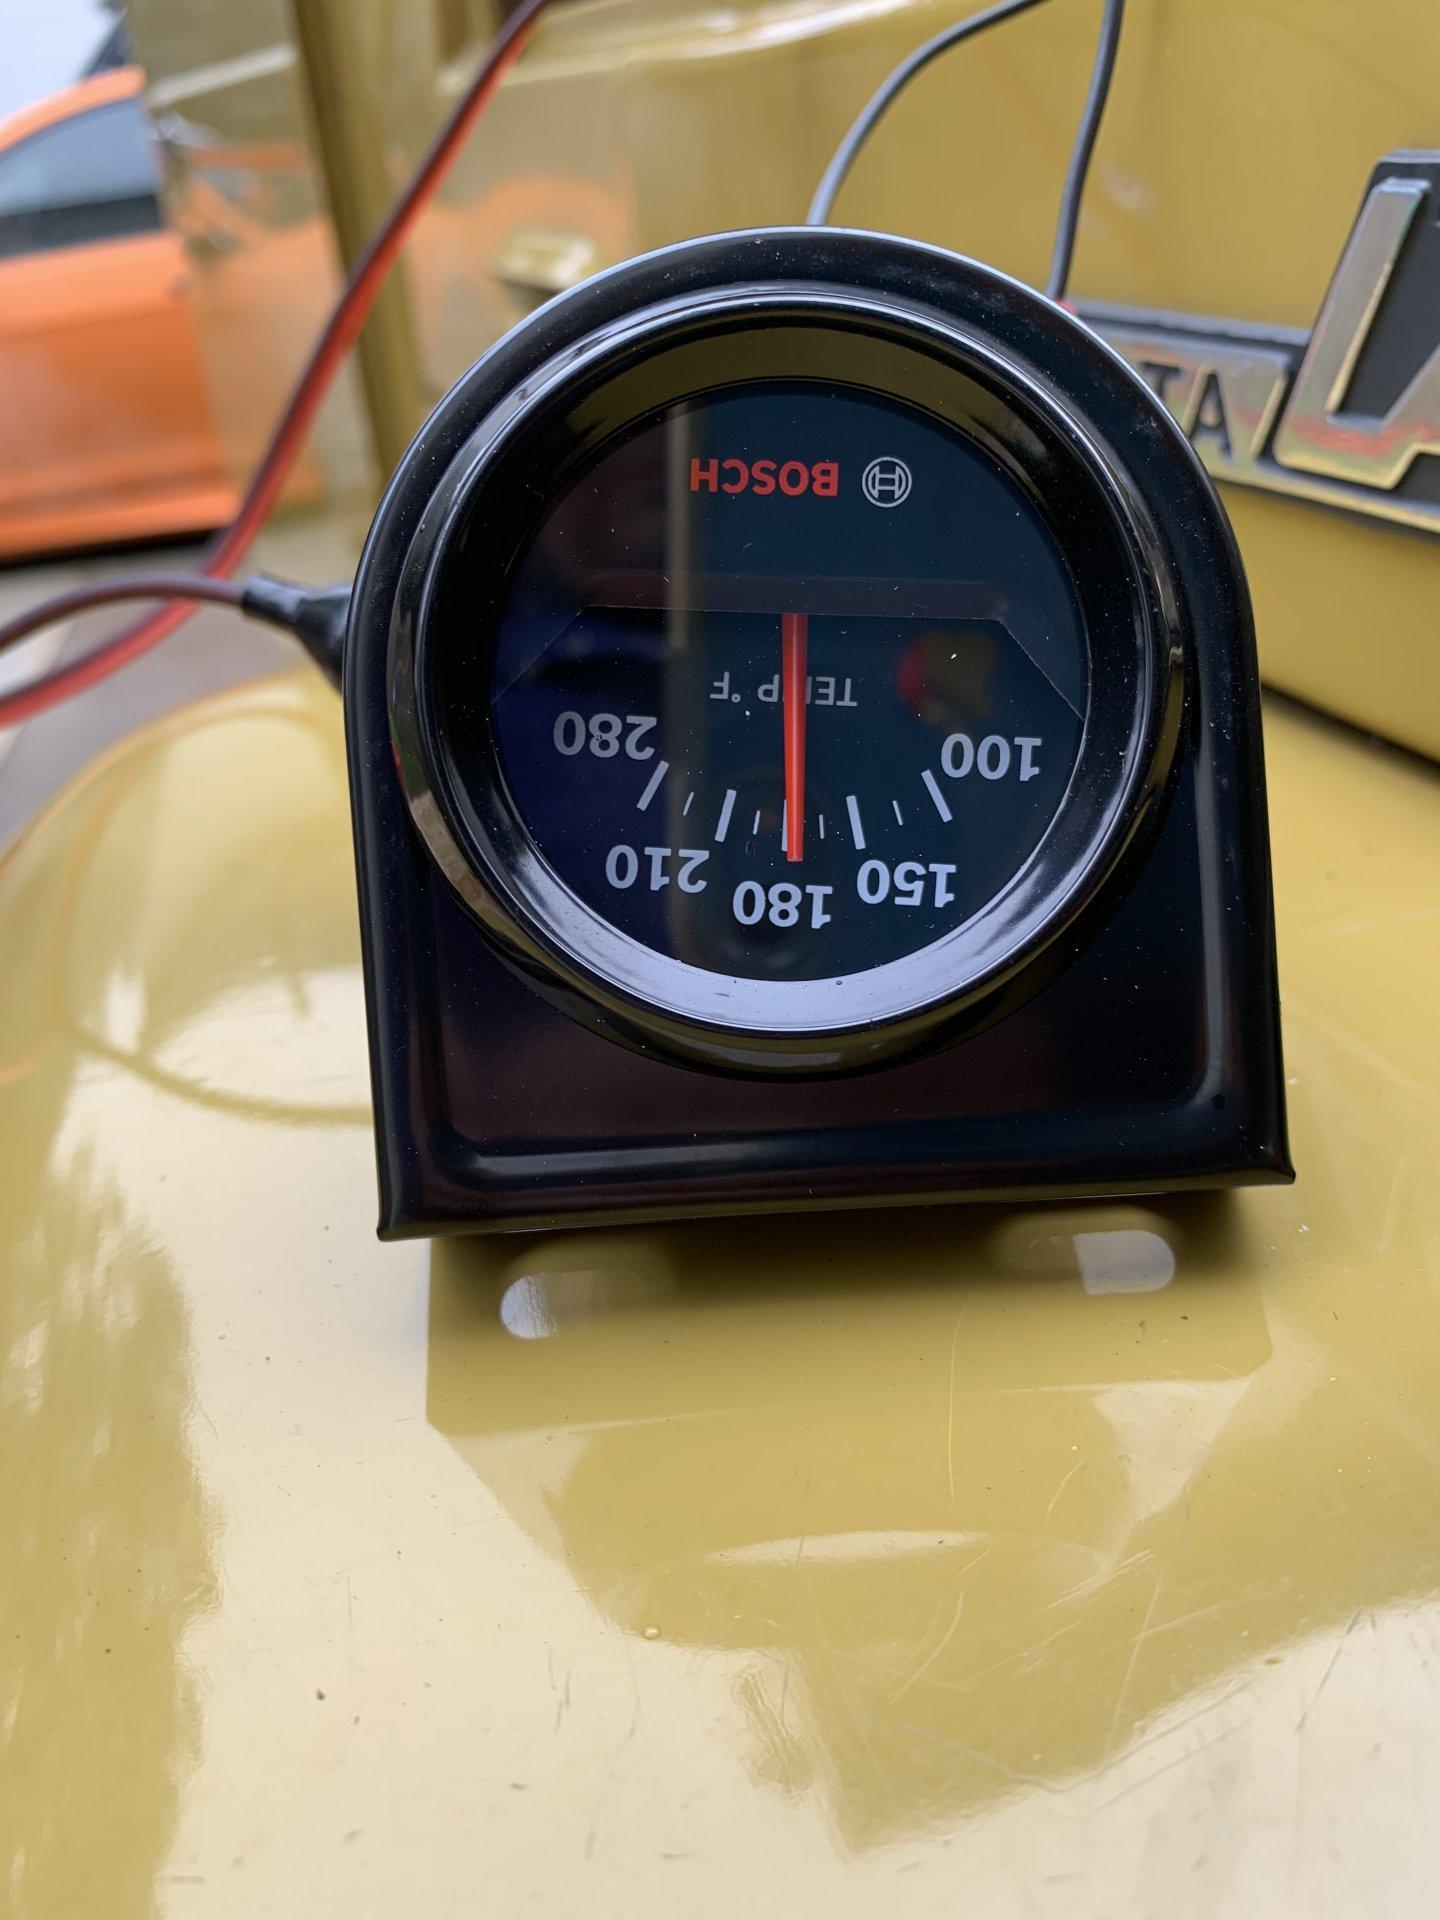 1B543E1D-DEB9-4C4D-BB59-0383D1D6D8BD.jpeg